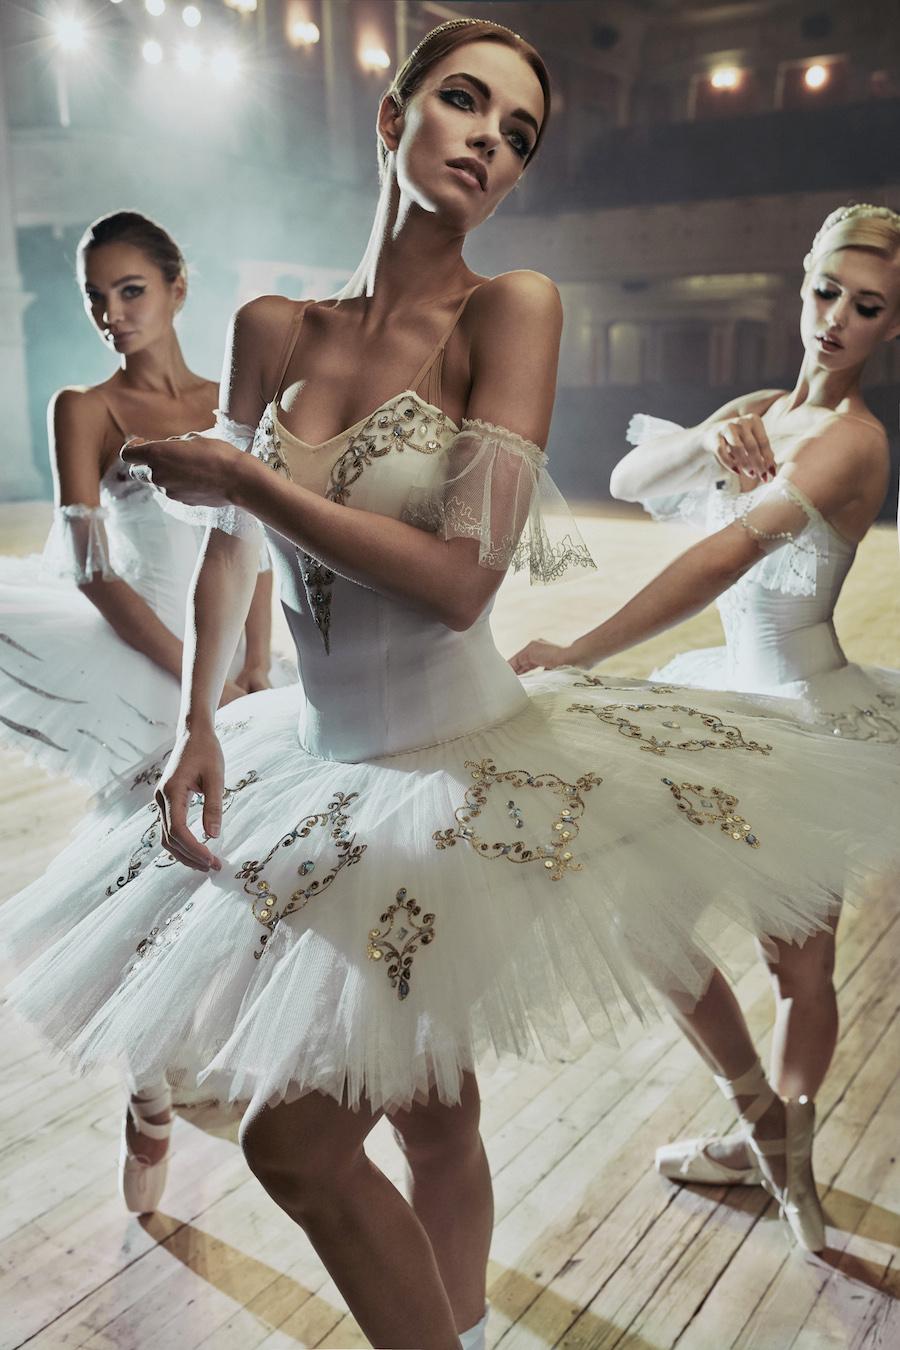 fotografia-ballerine-russe-calendario-12-natural-wonders-paul-giggle-4